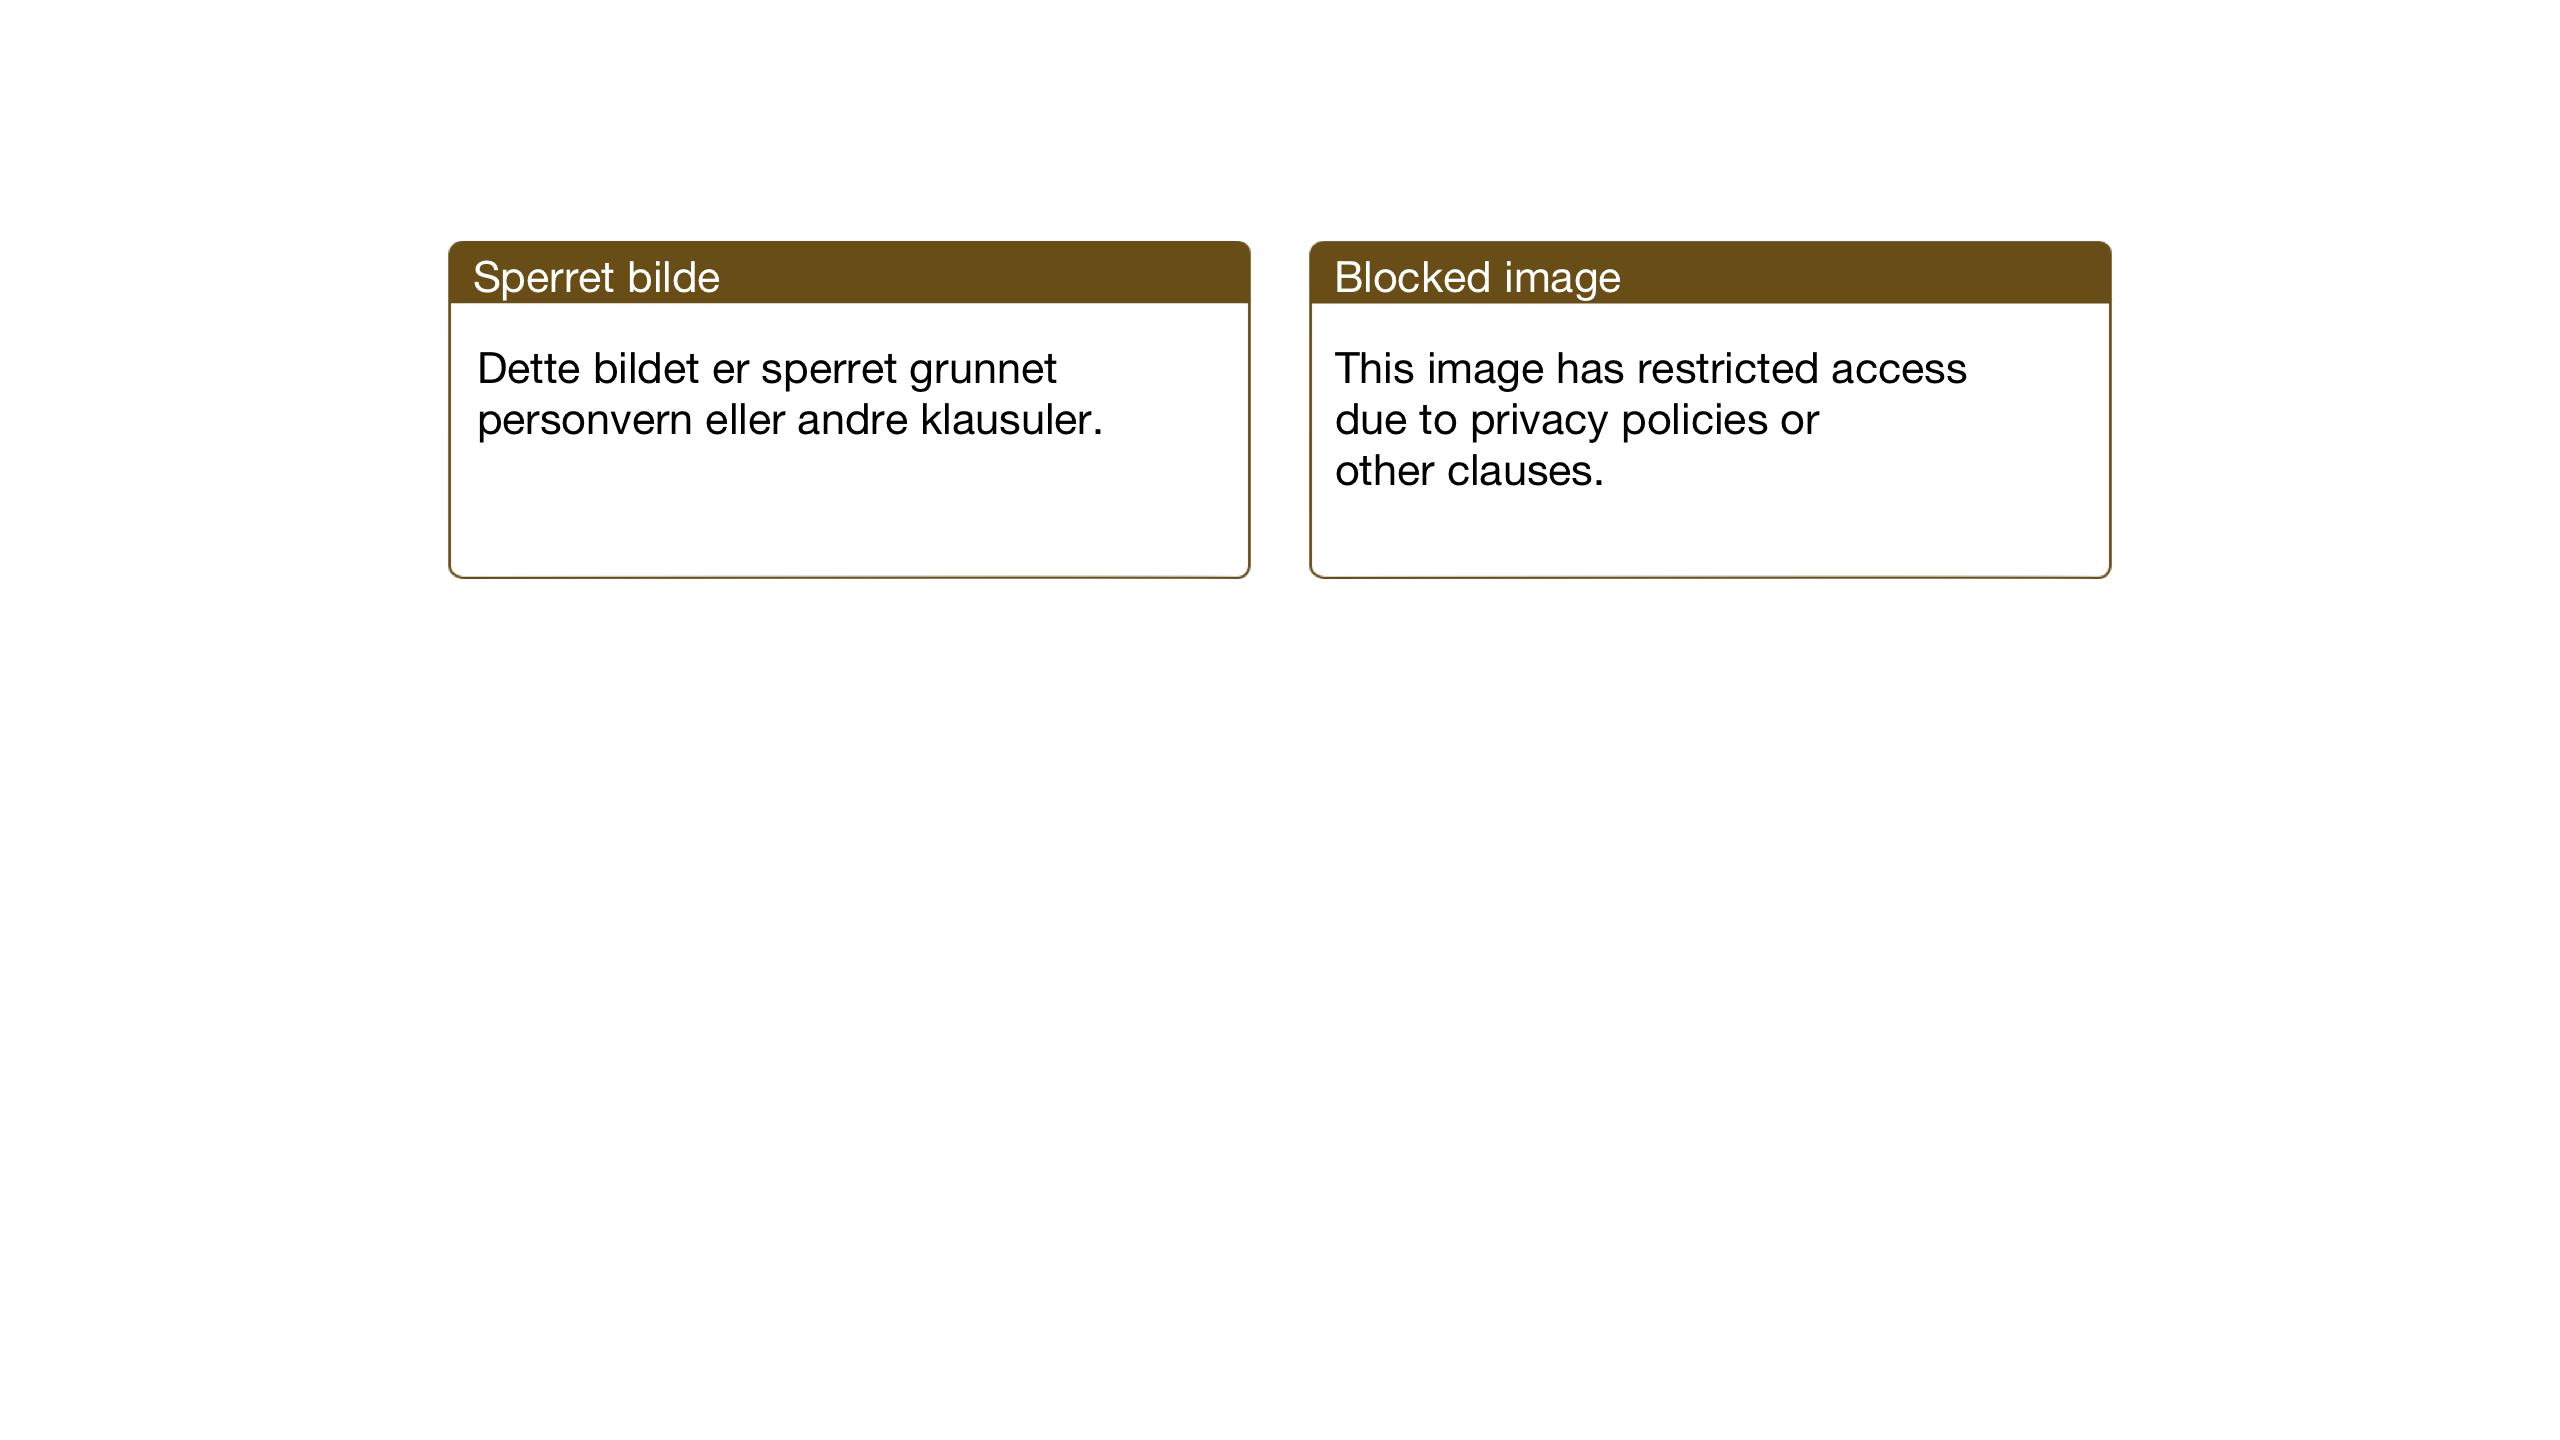 SAT, Ministerialprotokoller, klokkerbøker og fødselsregistre - Sør-Trøndelag, 674/L0878: Klokkerbok nr. 674C05, 1941-1950, s. 8